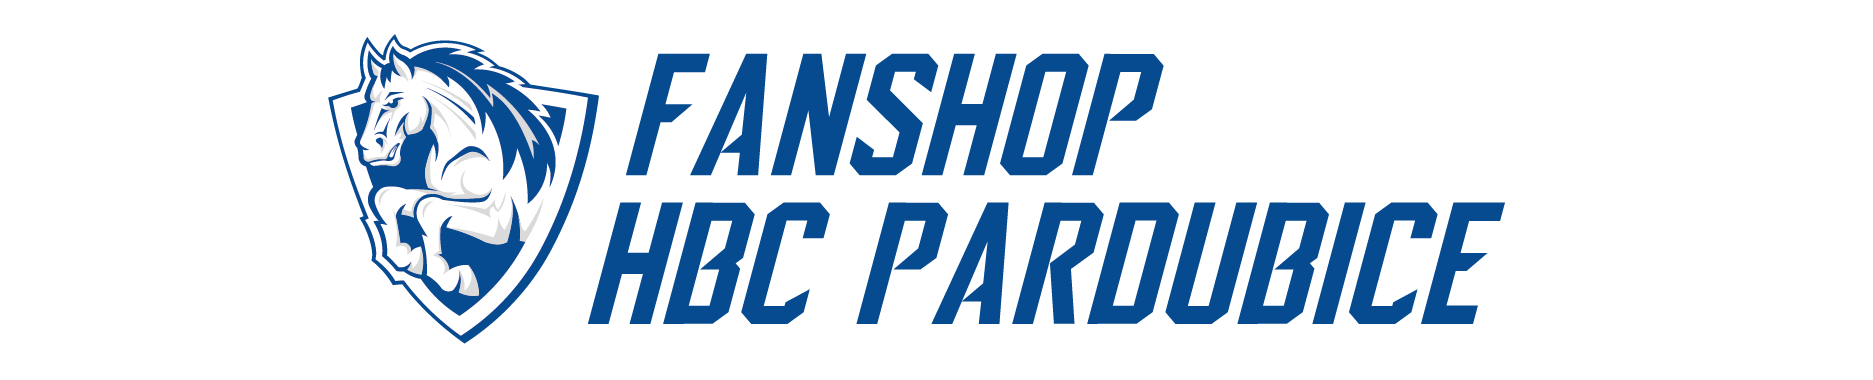 Fanshop HBC Pardubice